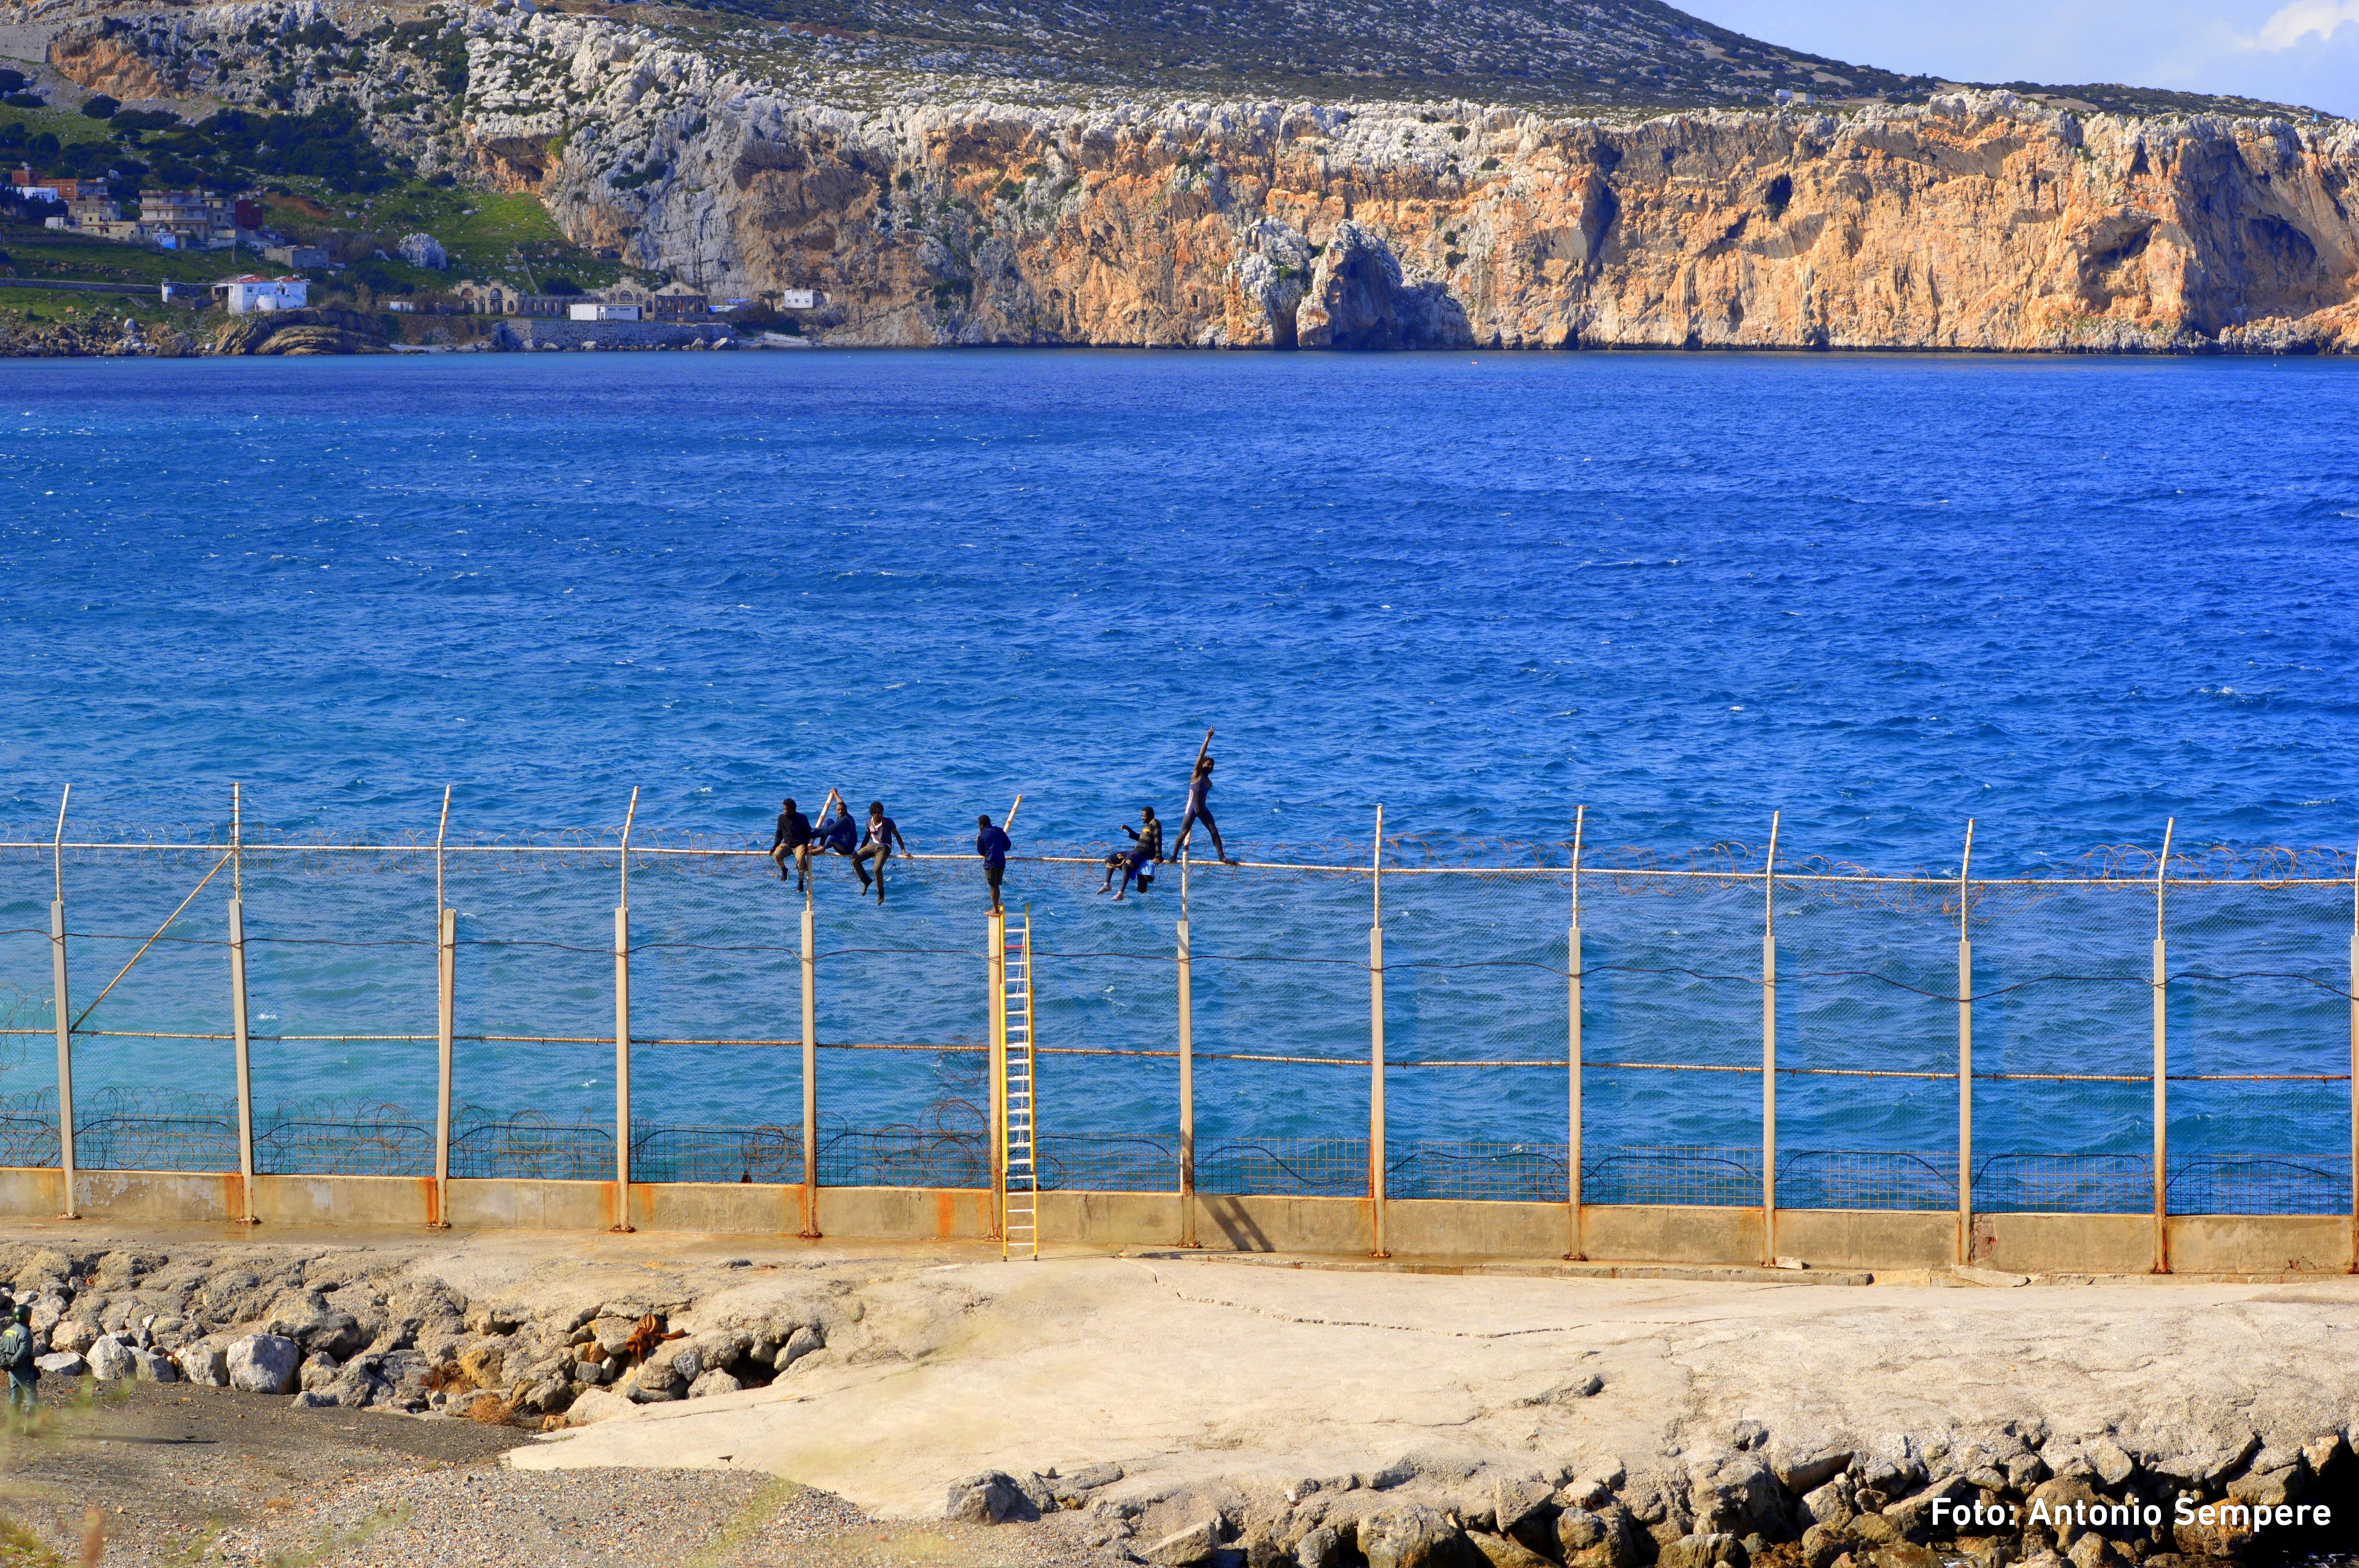 Vuit Conclusions Que Evidencien El Fracàs De Les Respostes Del Consell Europeu Al Desafiament Migratori